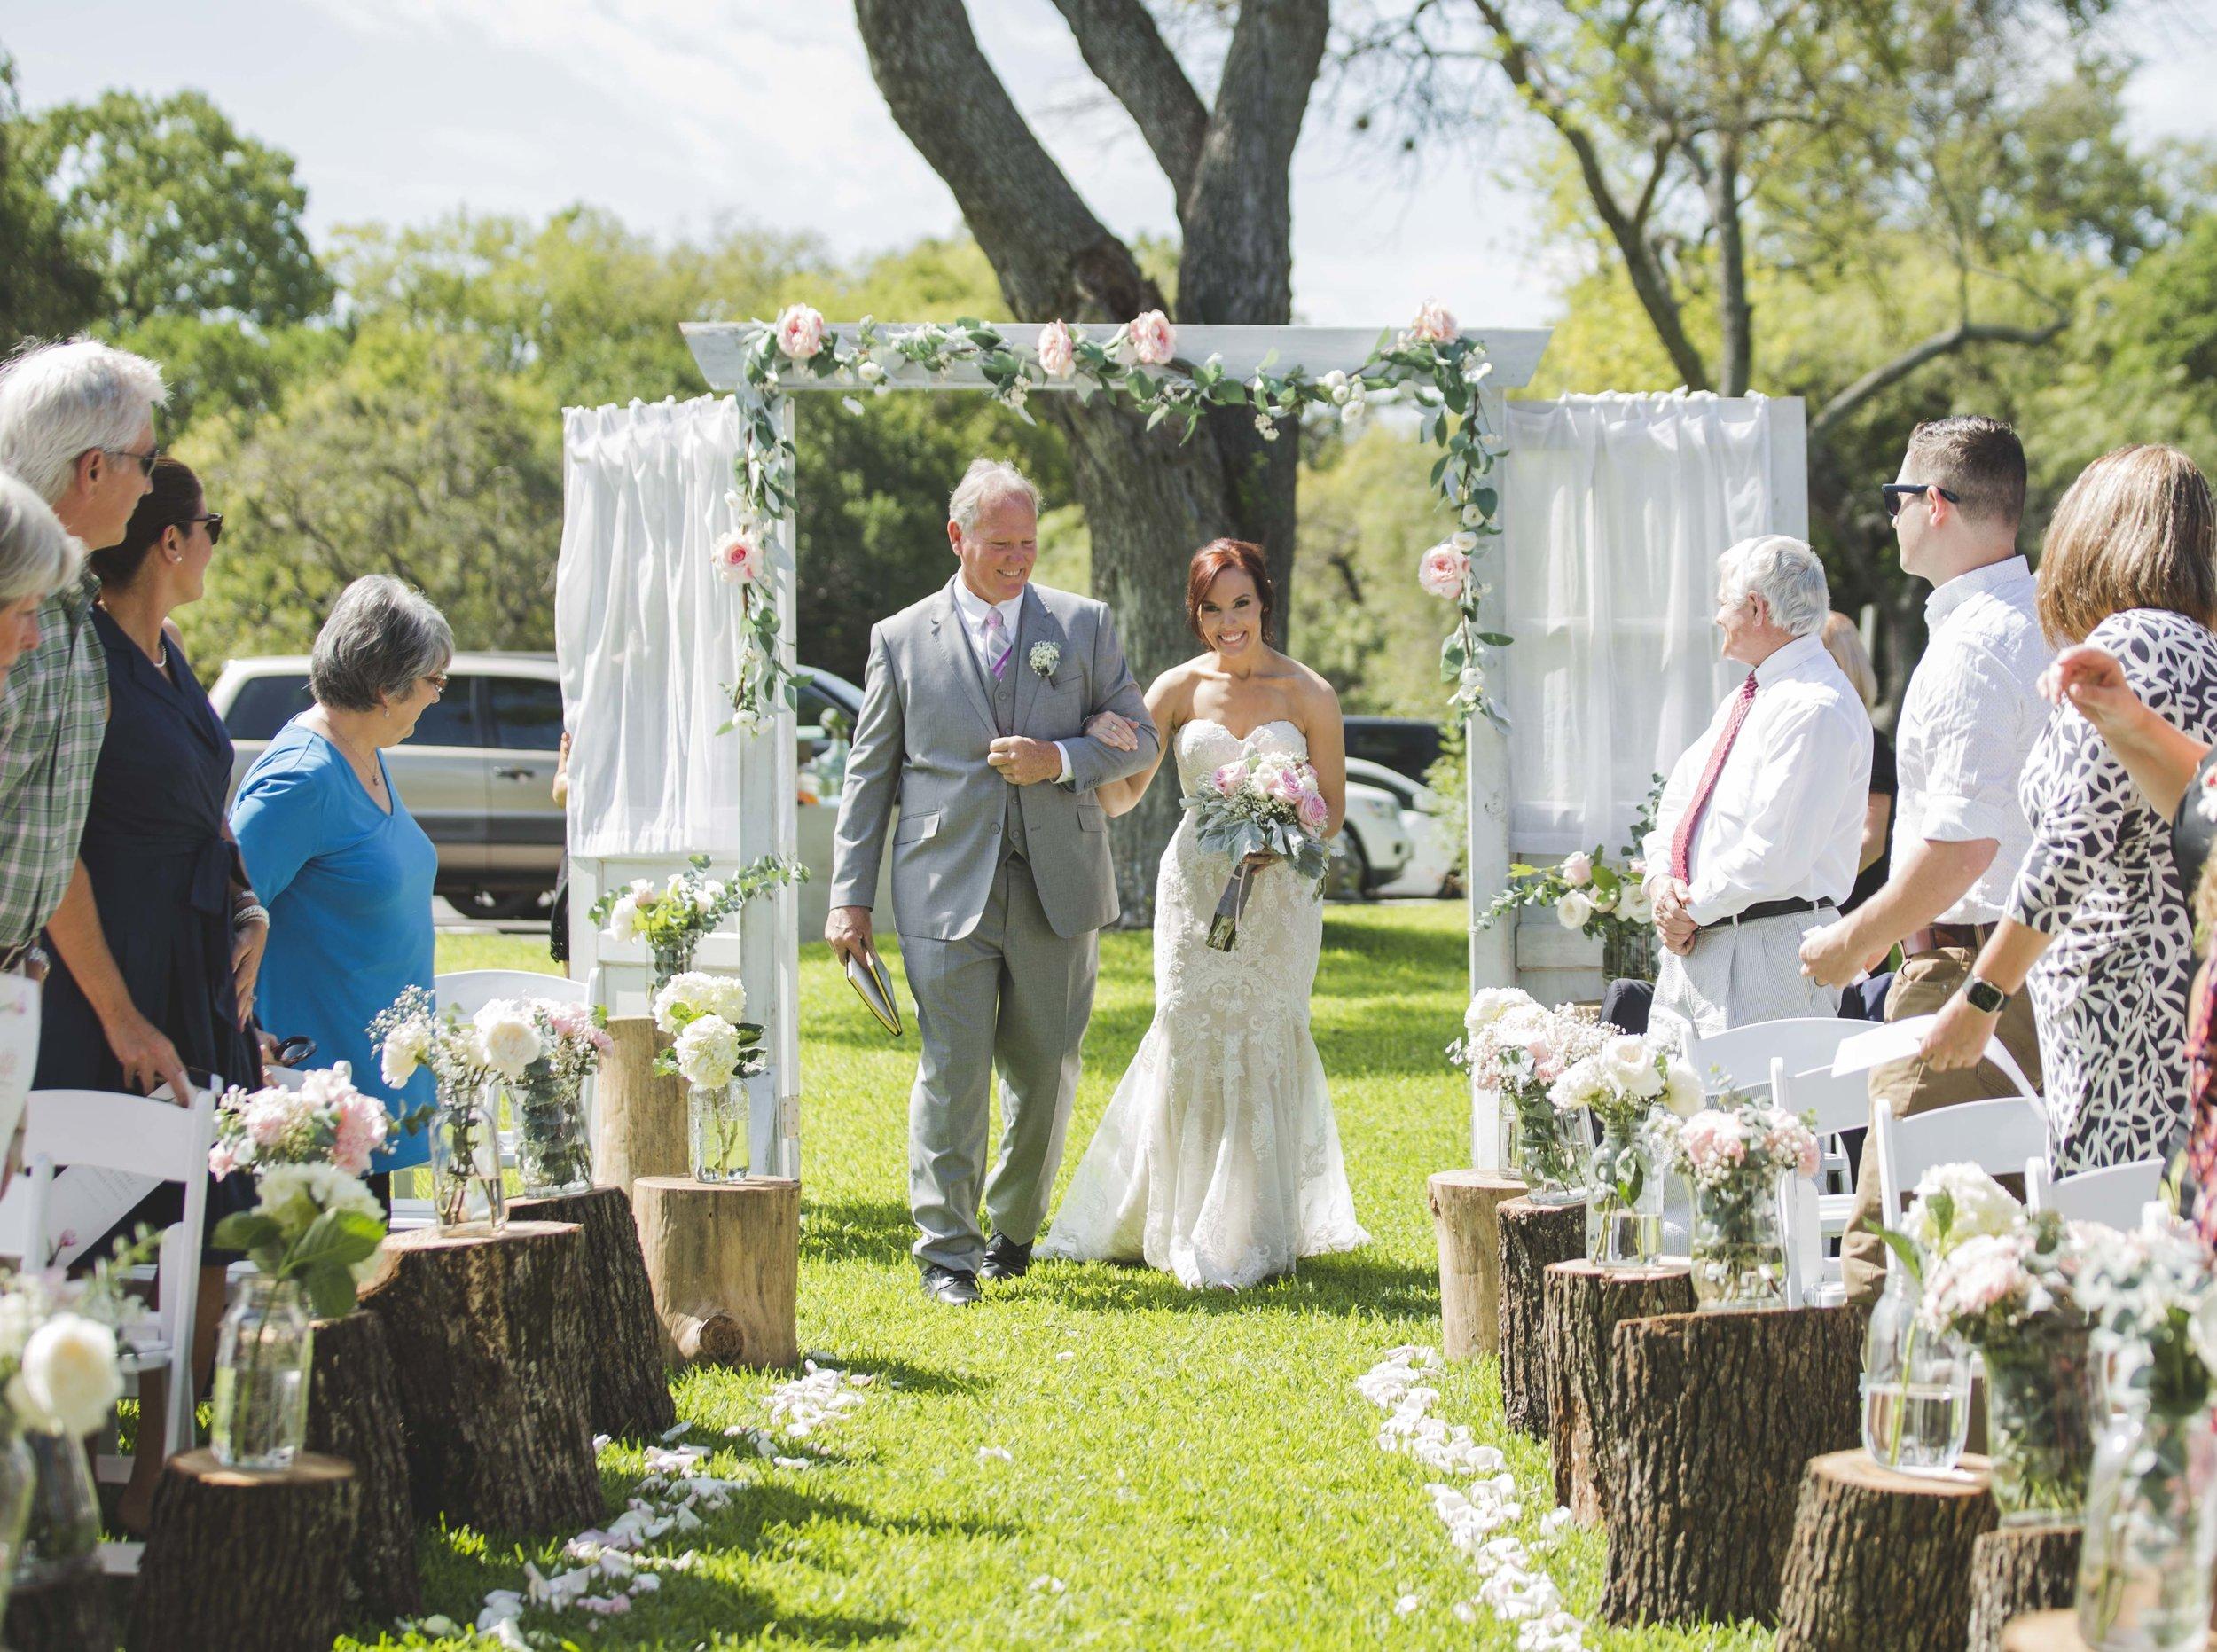 ATGI_Susanna & Matt Wedding_717A7555.jpg